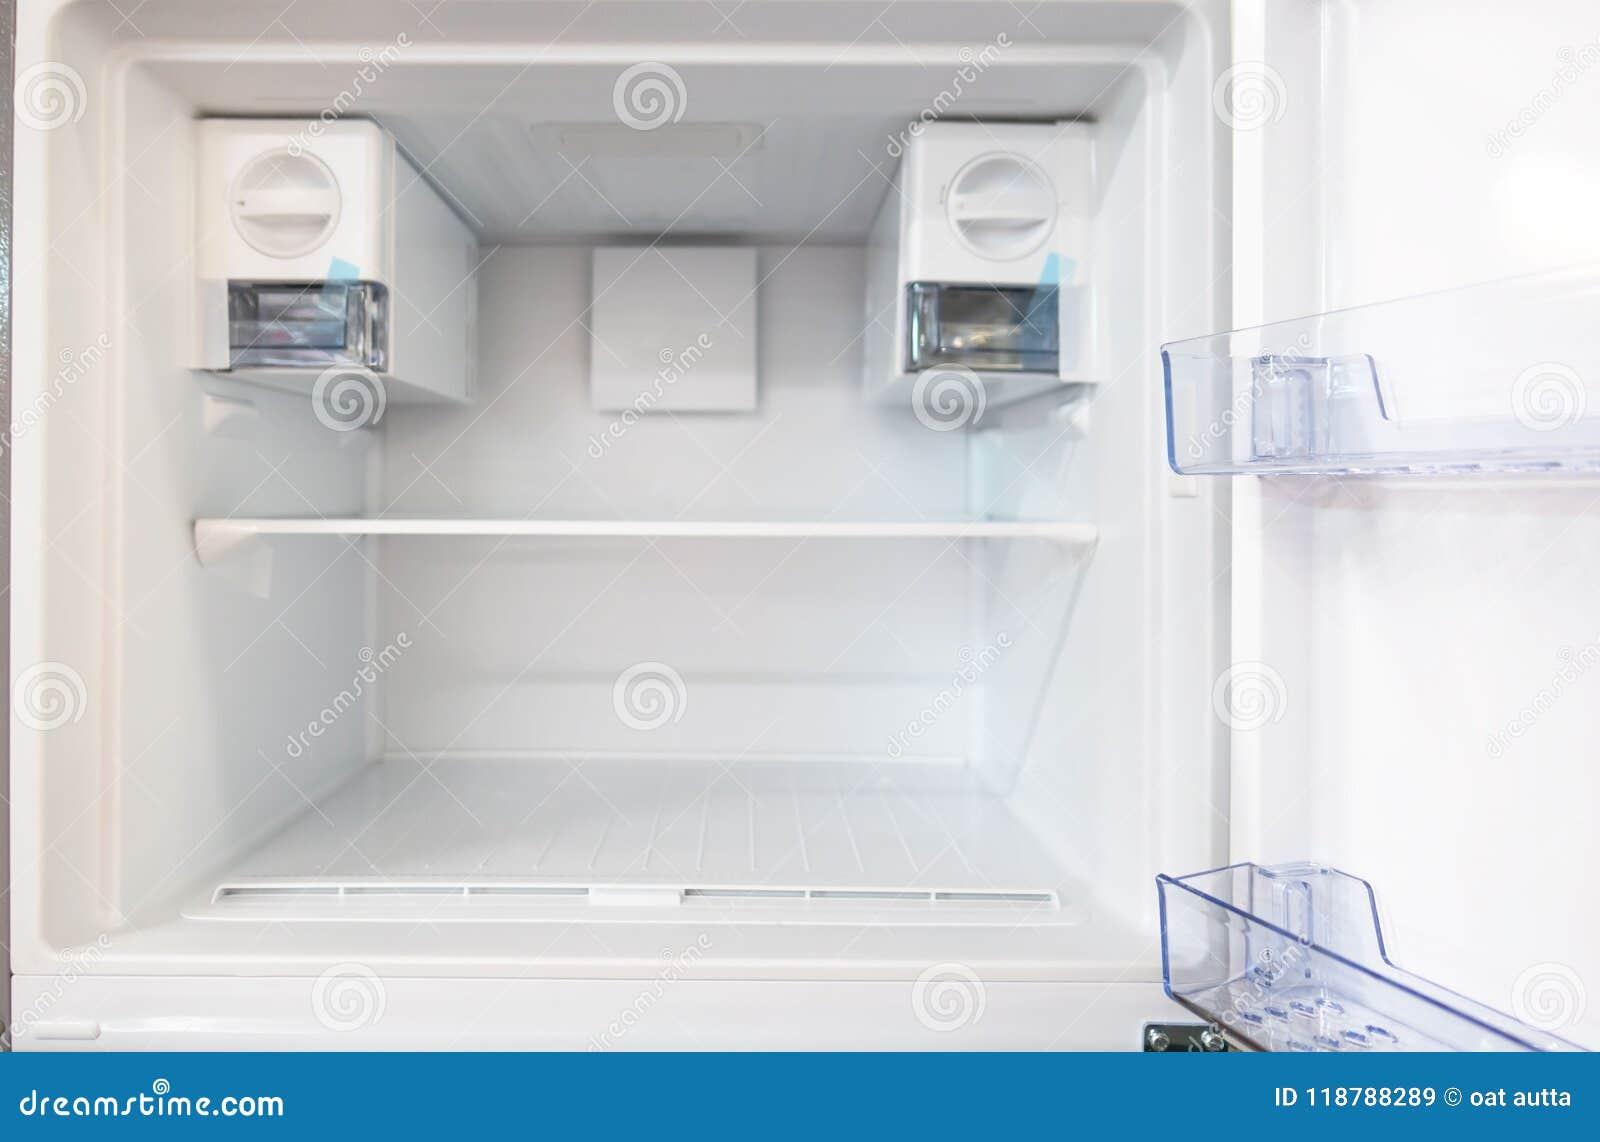 Öppna det tomma nya vita kylskåpet inom kylen med hyllor